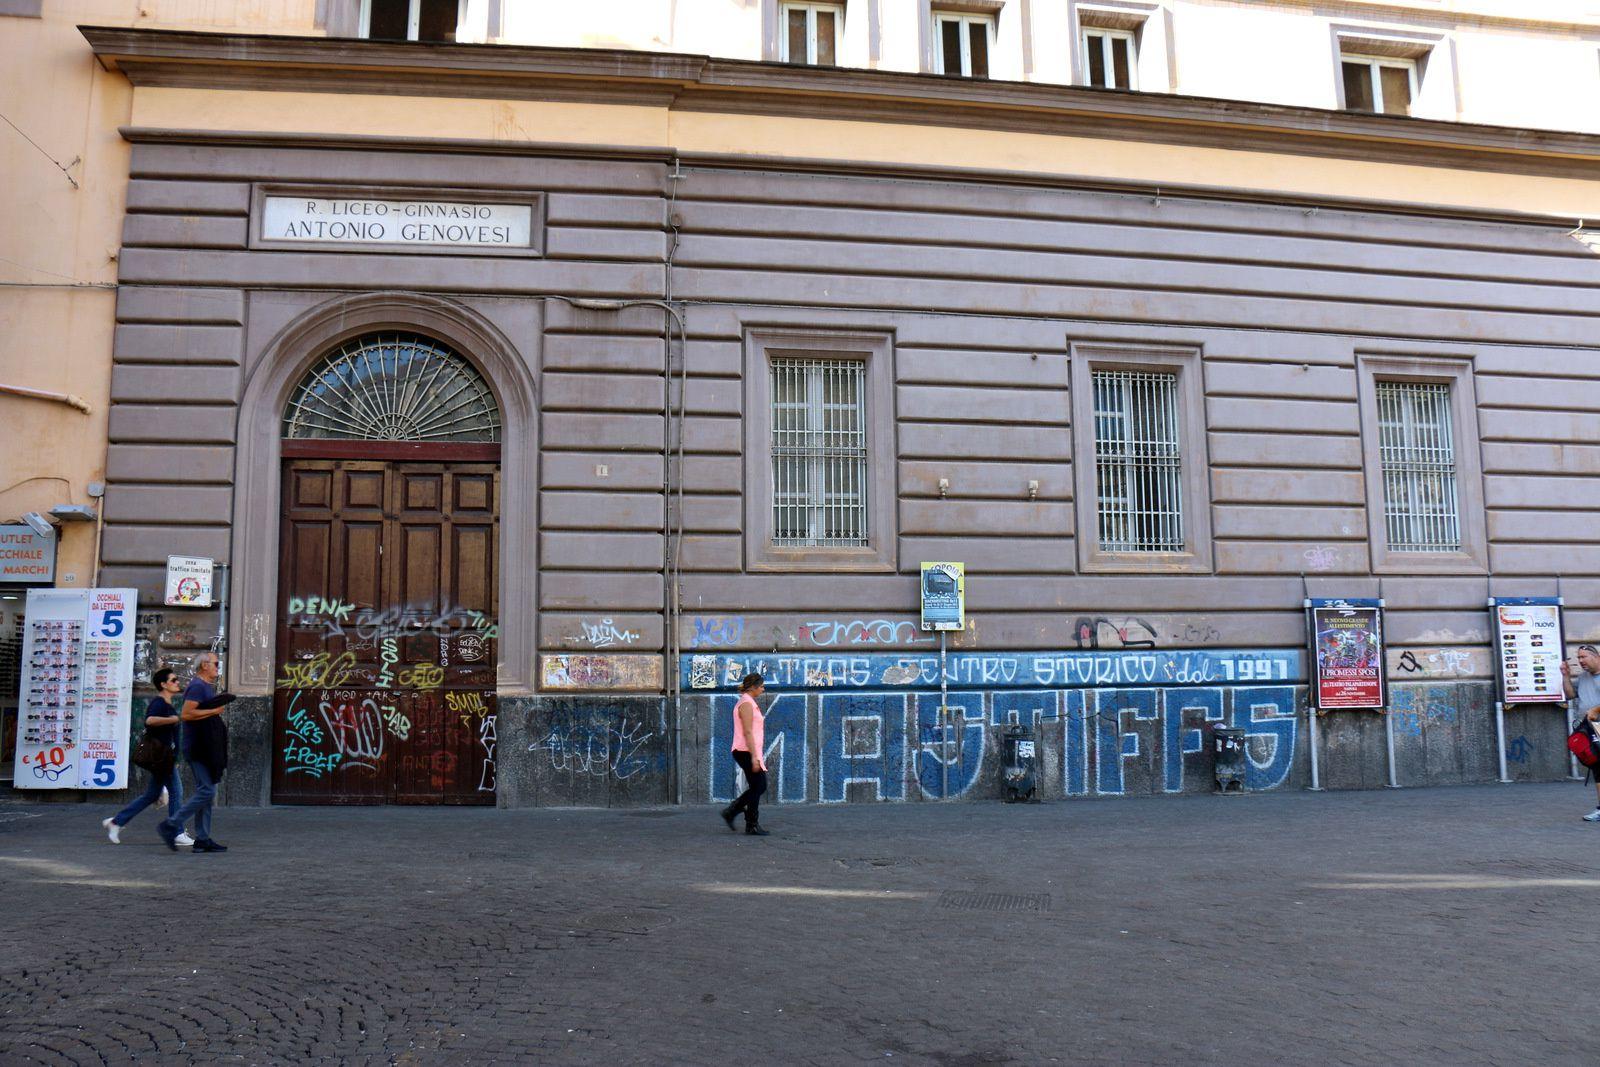 Façades décorées et tags (2/2), Naples